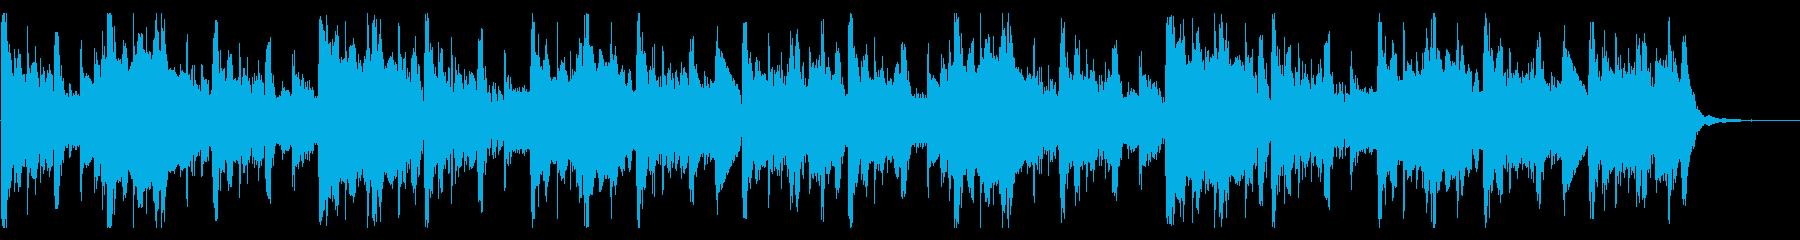 優しいR&B_No644_5の再生済みの波形